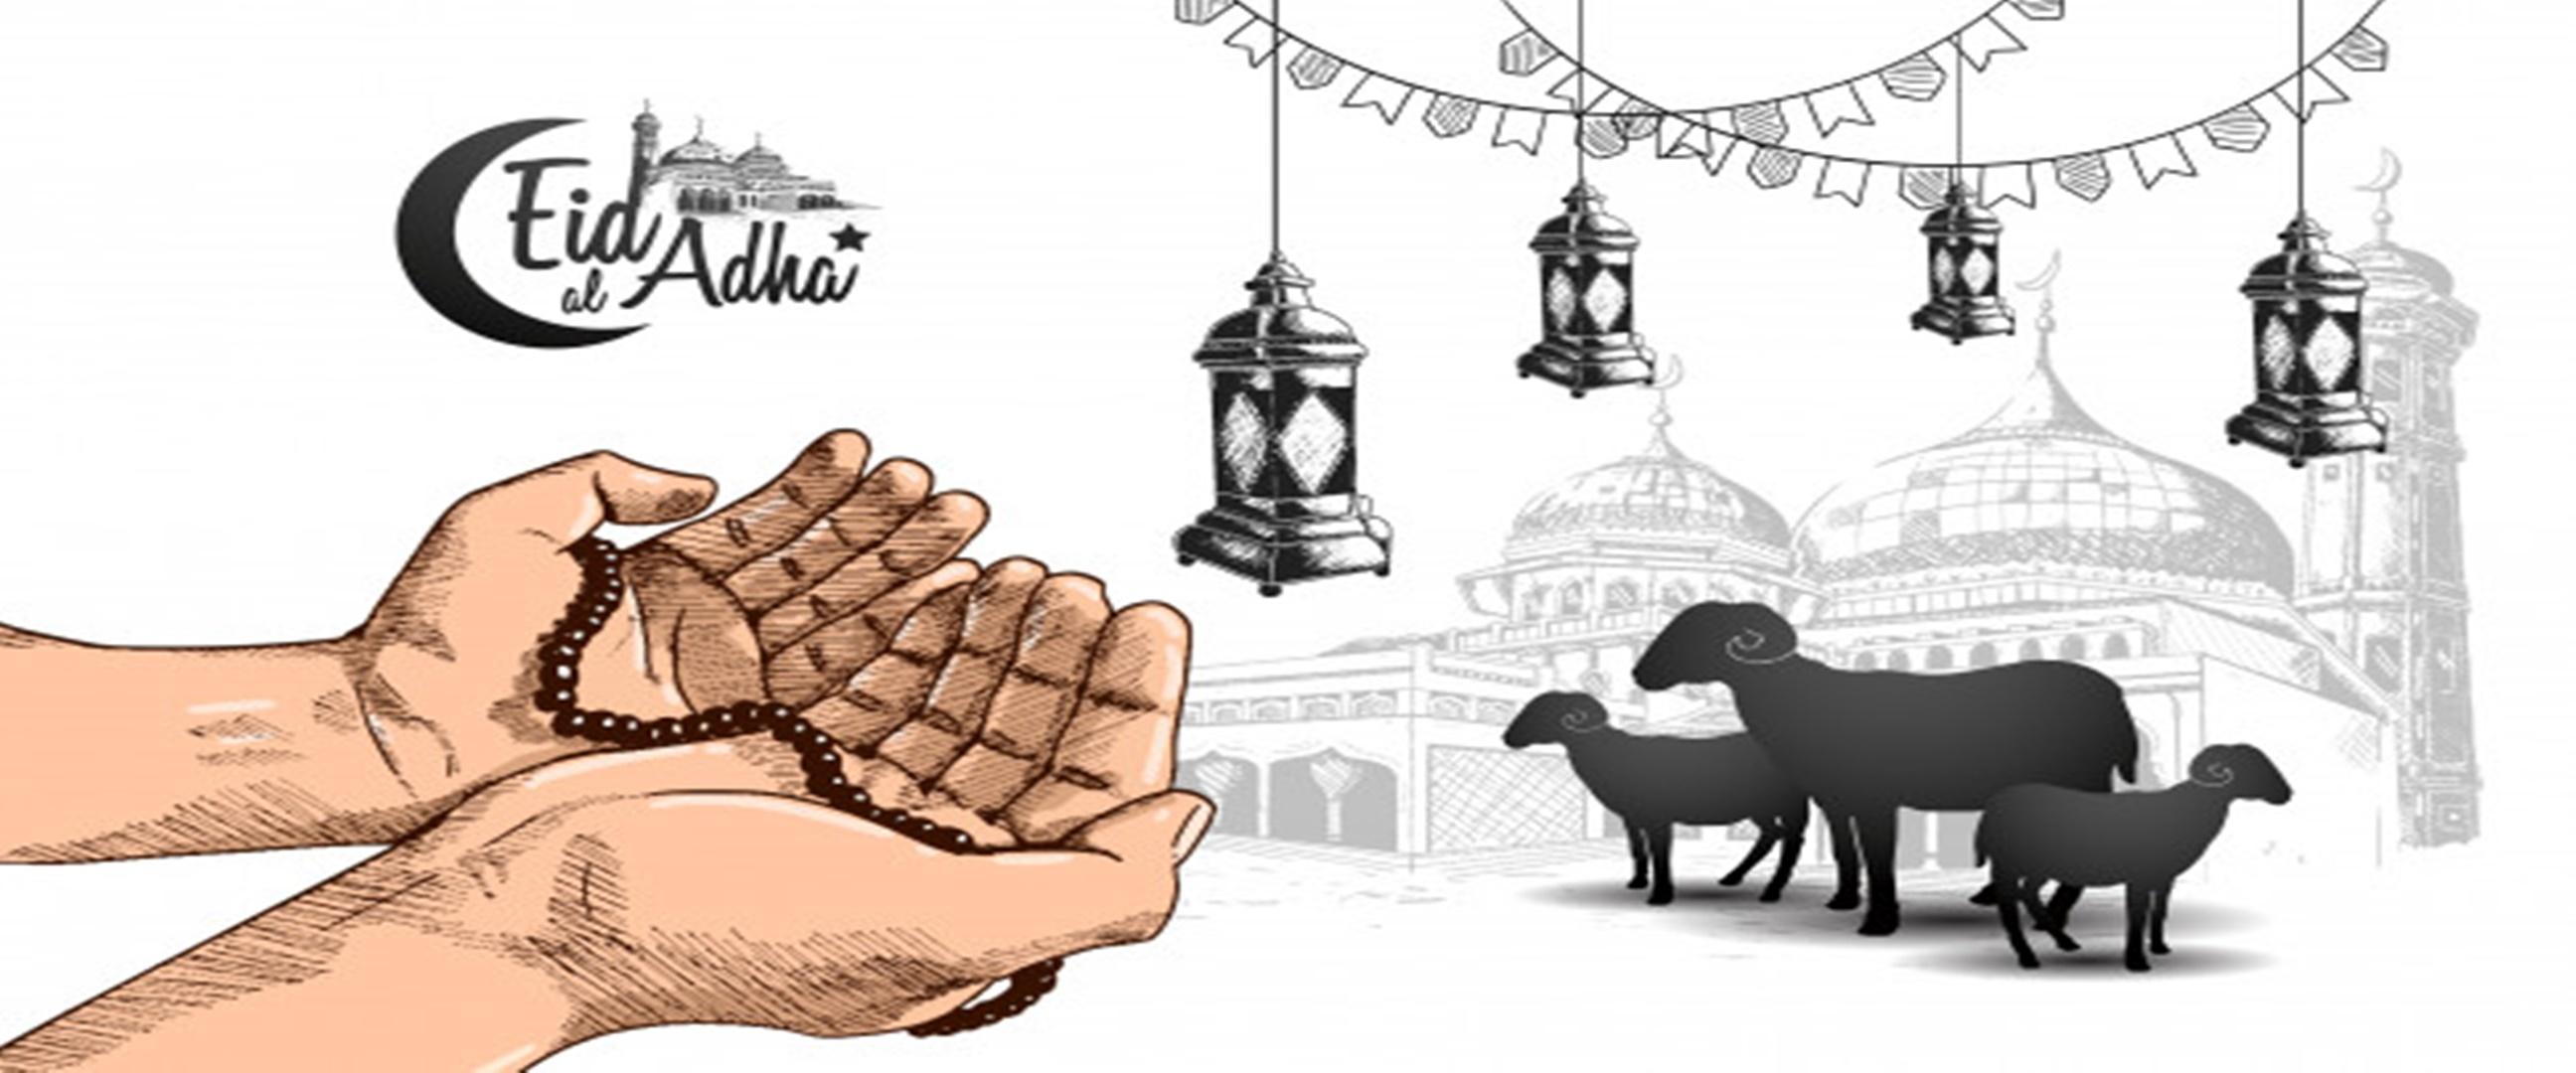 Amalan sunnah yang dianjurkan saat Idul Adha beserta keutamaannya